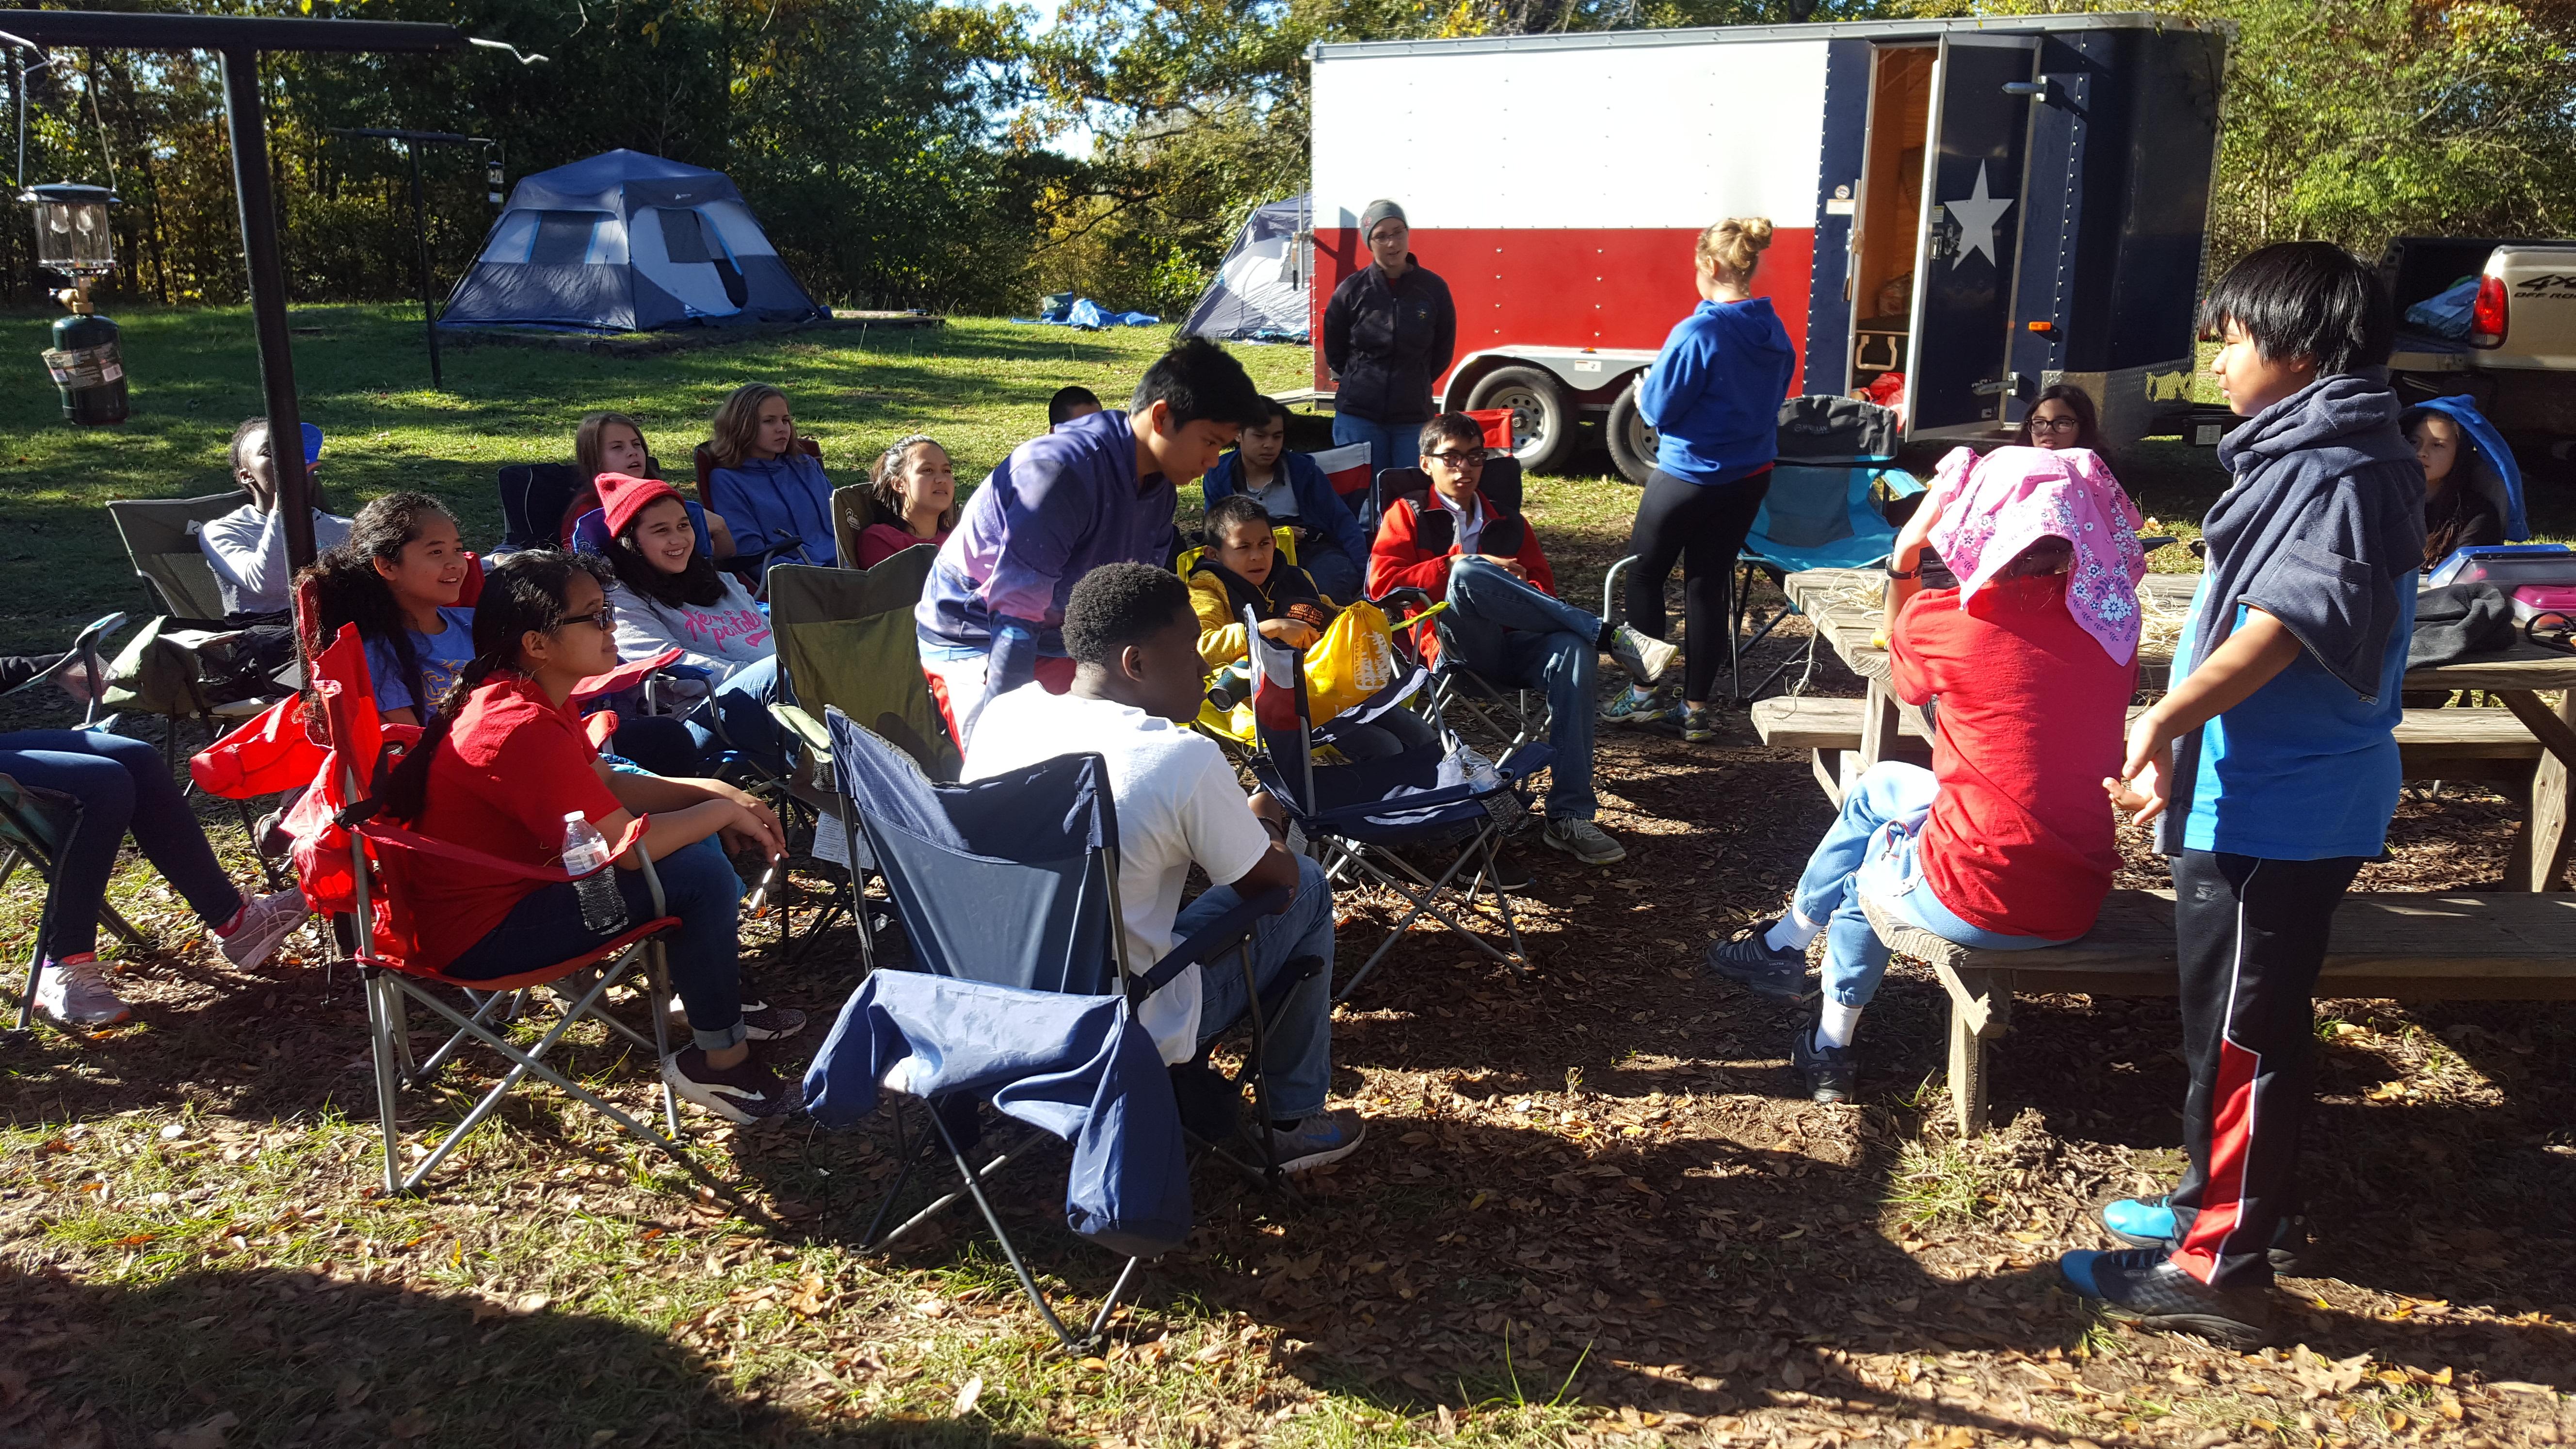 Pathfinder Camping Trip